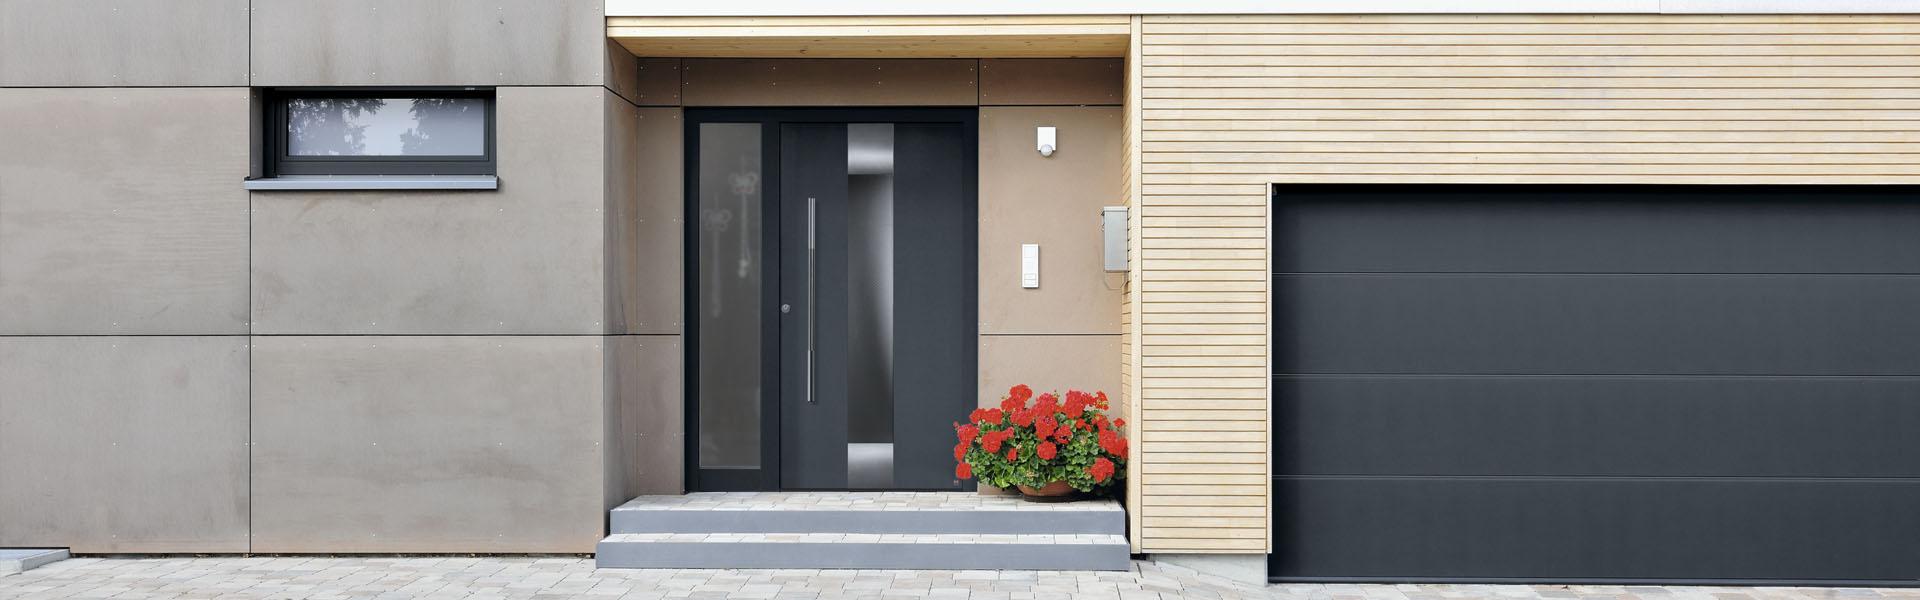 Hörmann Haustüren und Garagentore